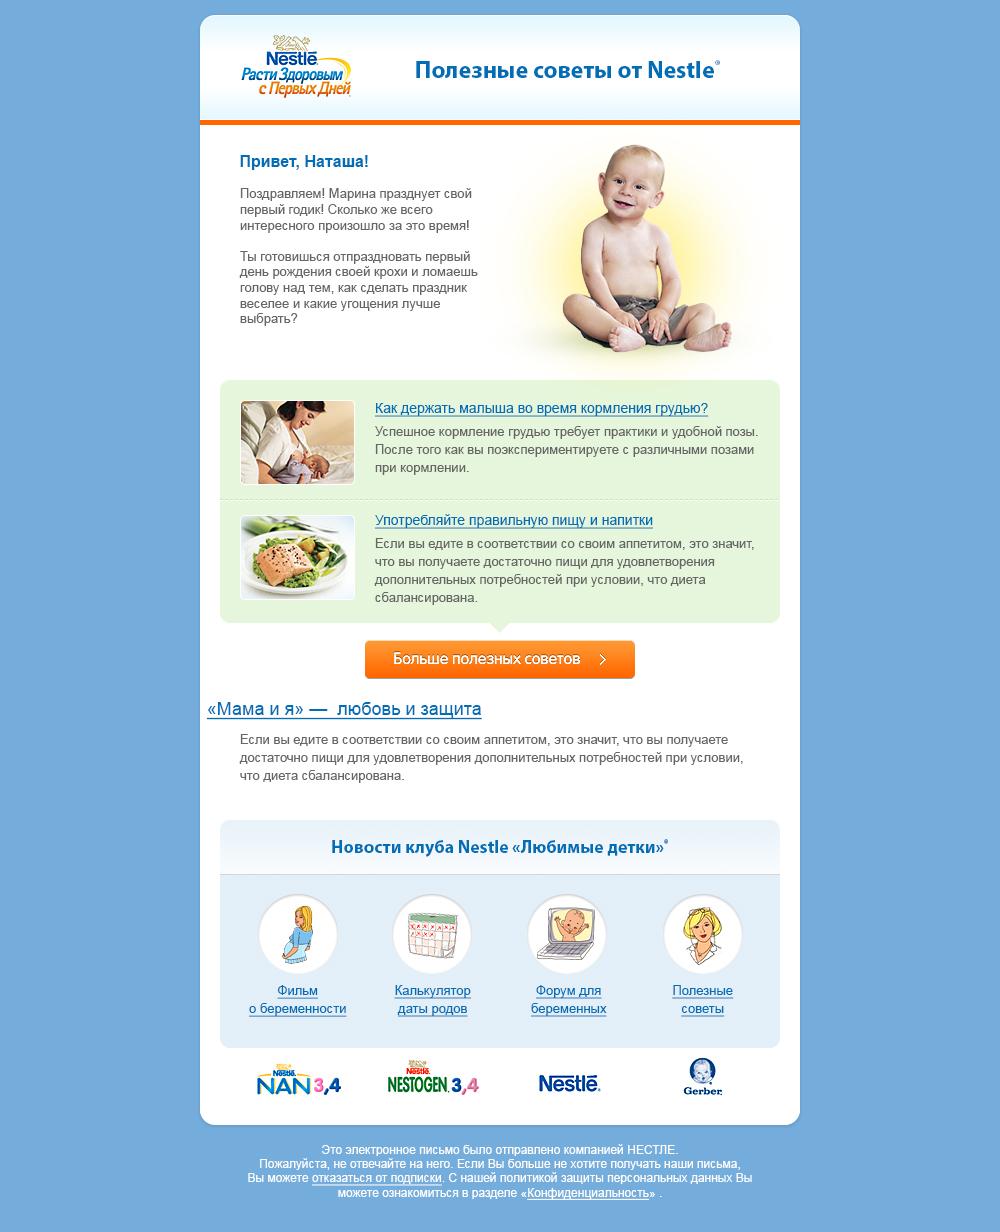 Инструкция по HTML верстке писем email рассылки | ePochta